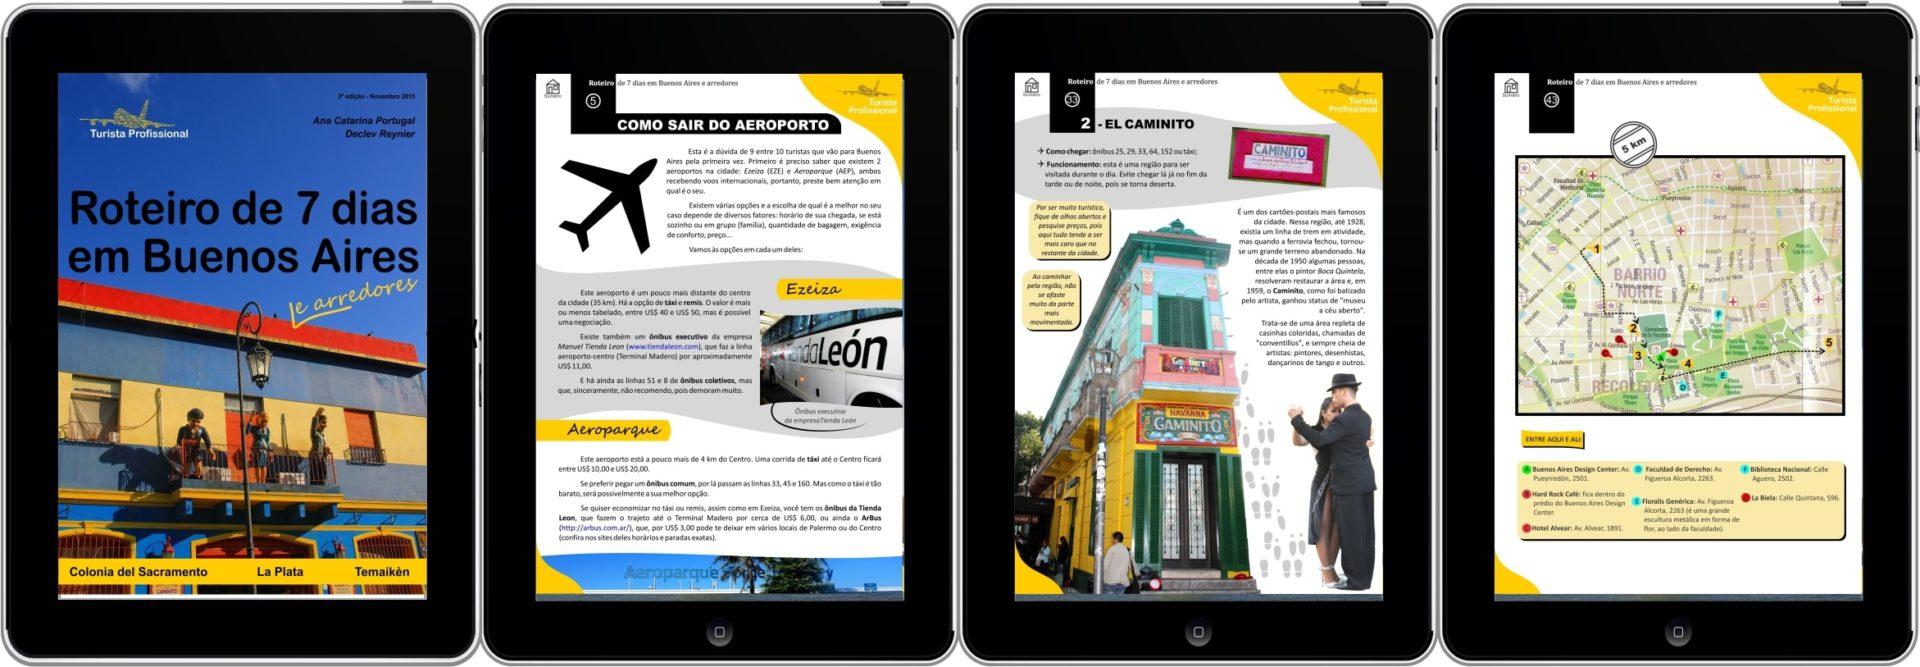 Buenos Aires 6 quatro tablets - Roteiro de 7 dias em Buenos Aires e arredores